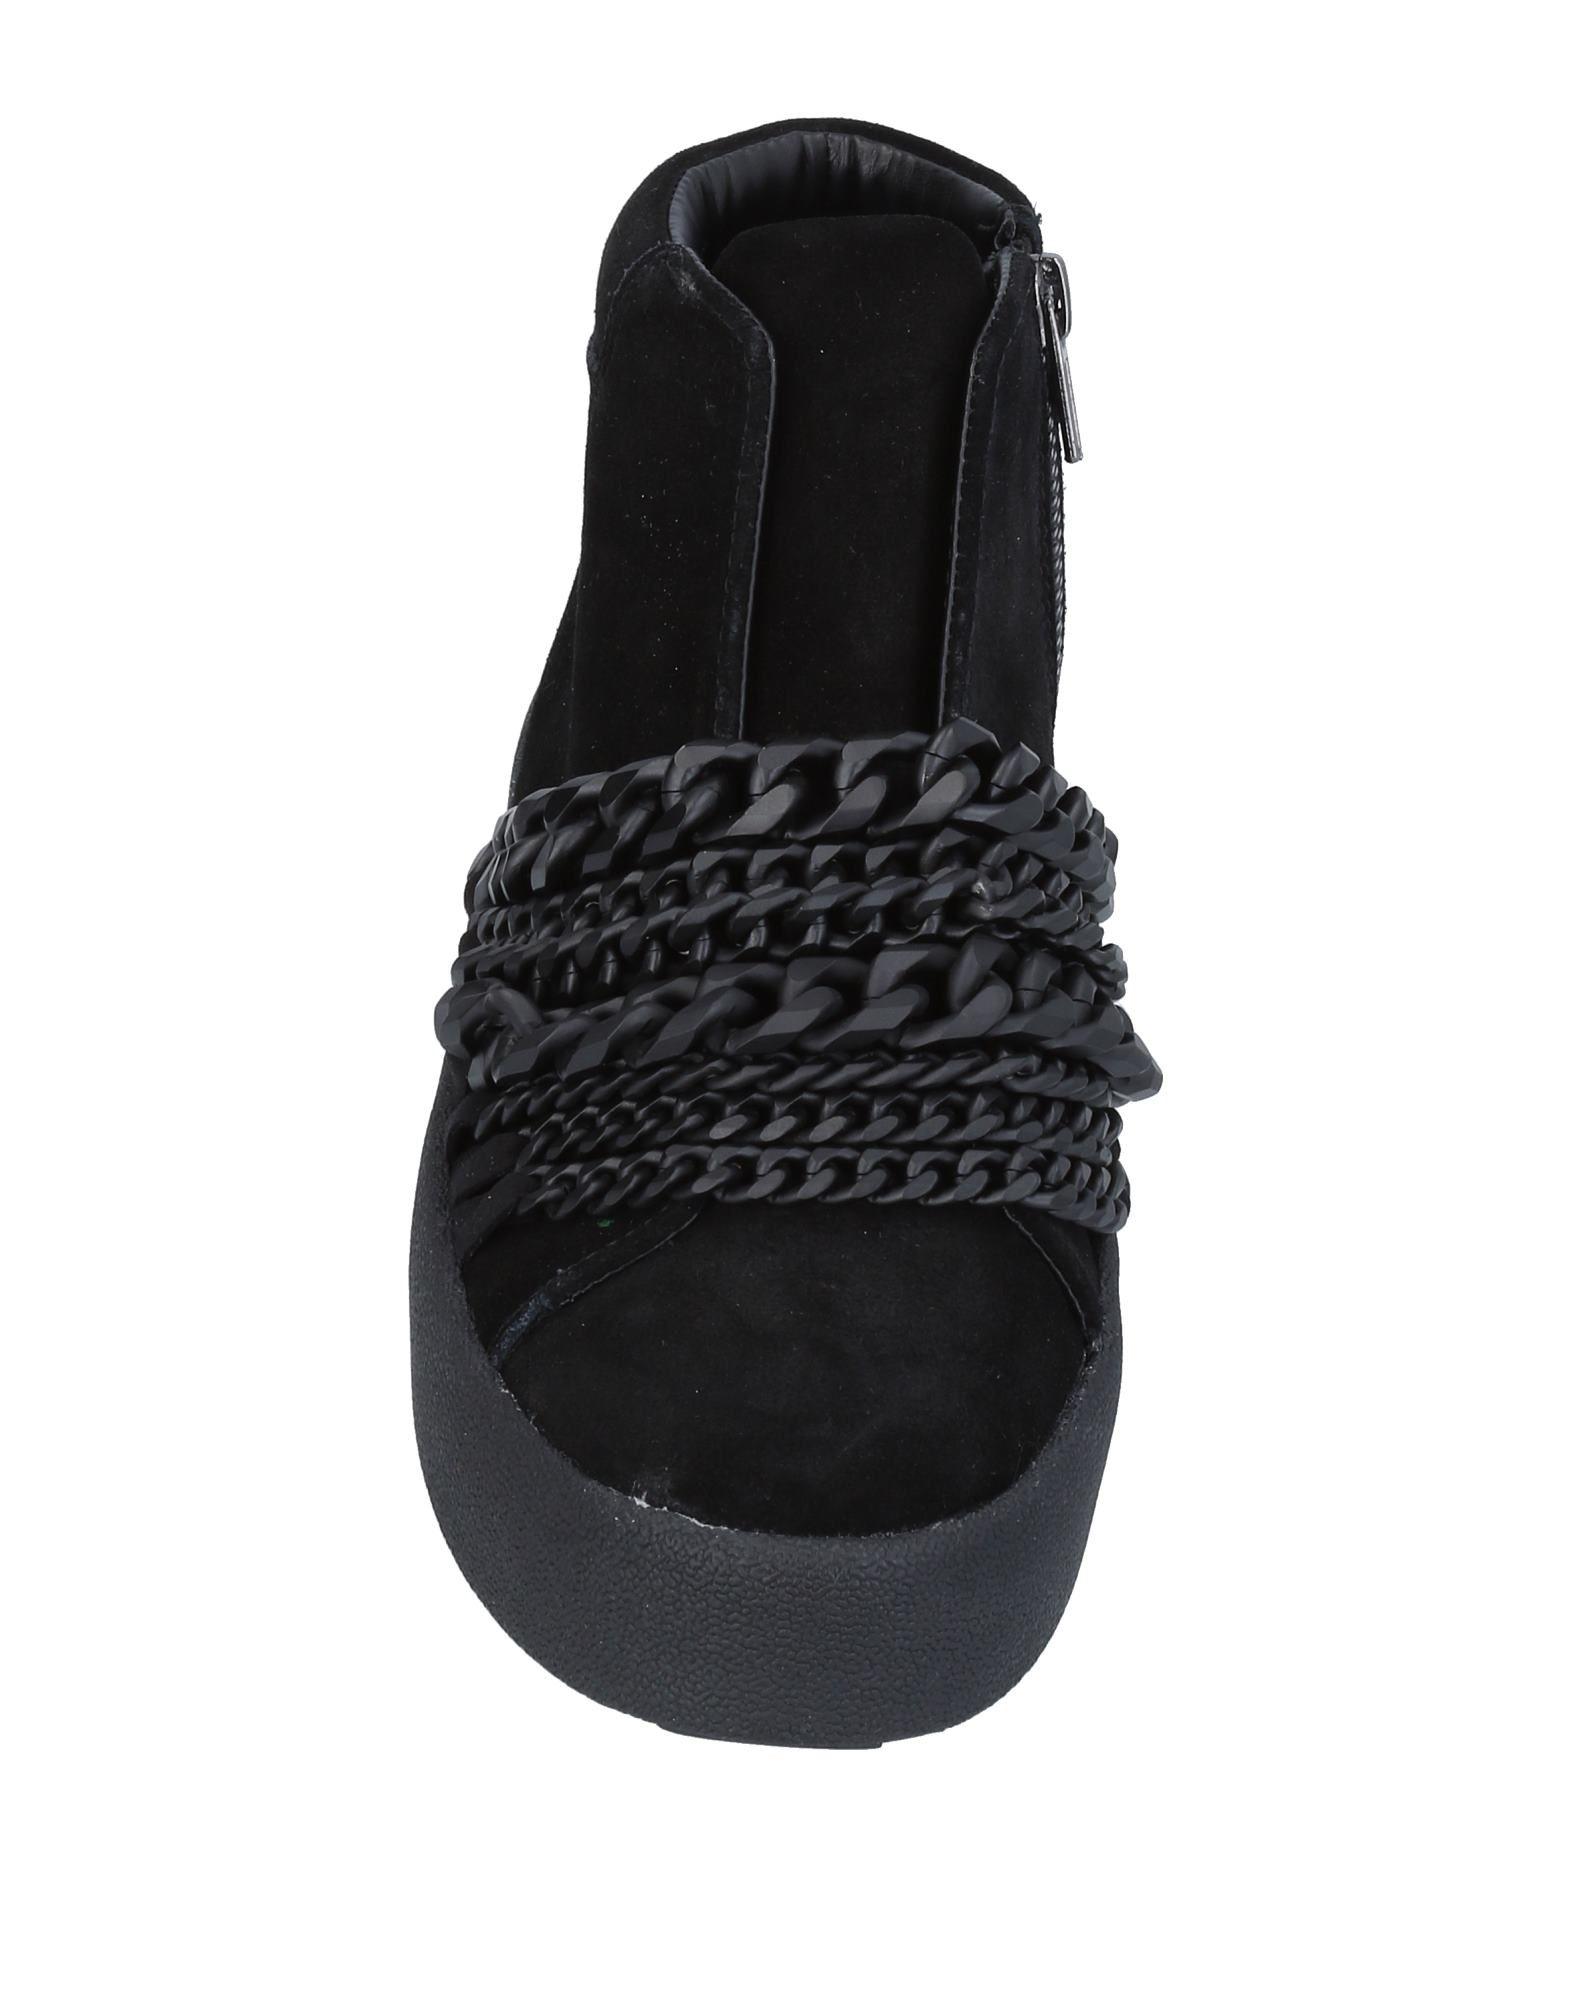 Kendall + Kylie Sneakers Damen  Schuhe 11448231OC Gute Qualität beliebte Schuhe  b05f08